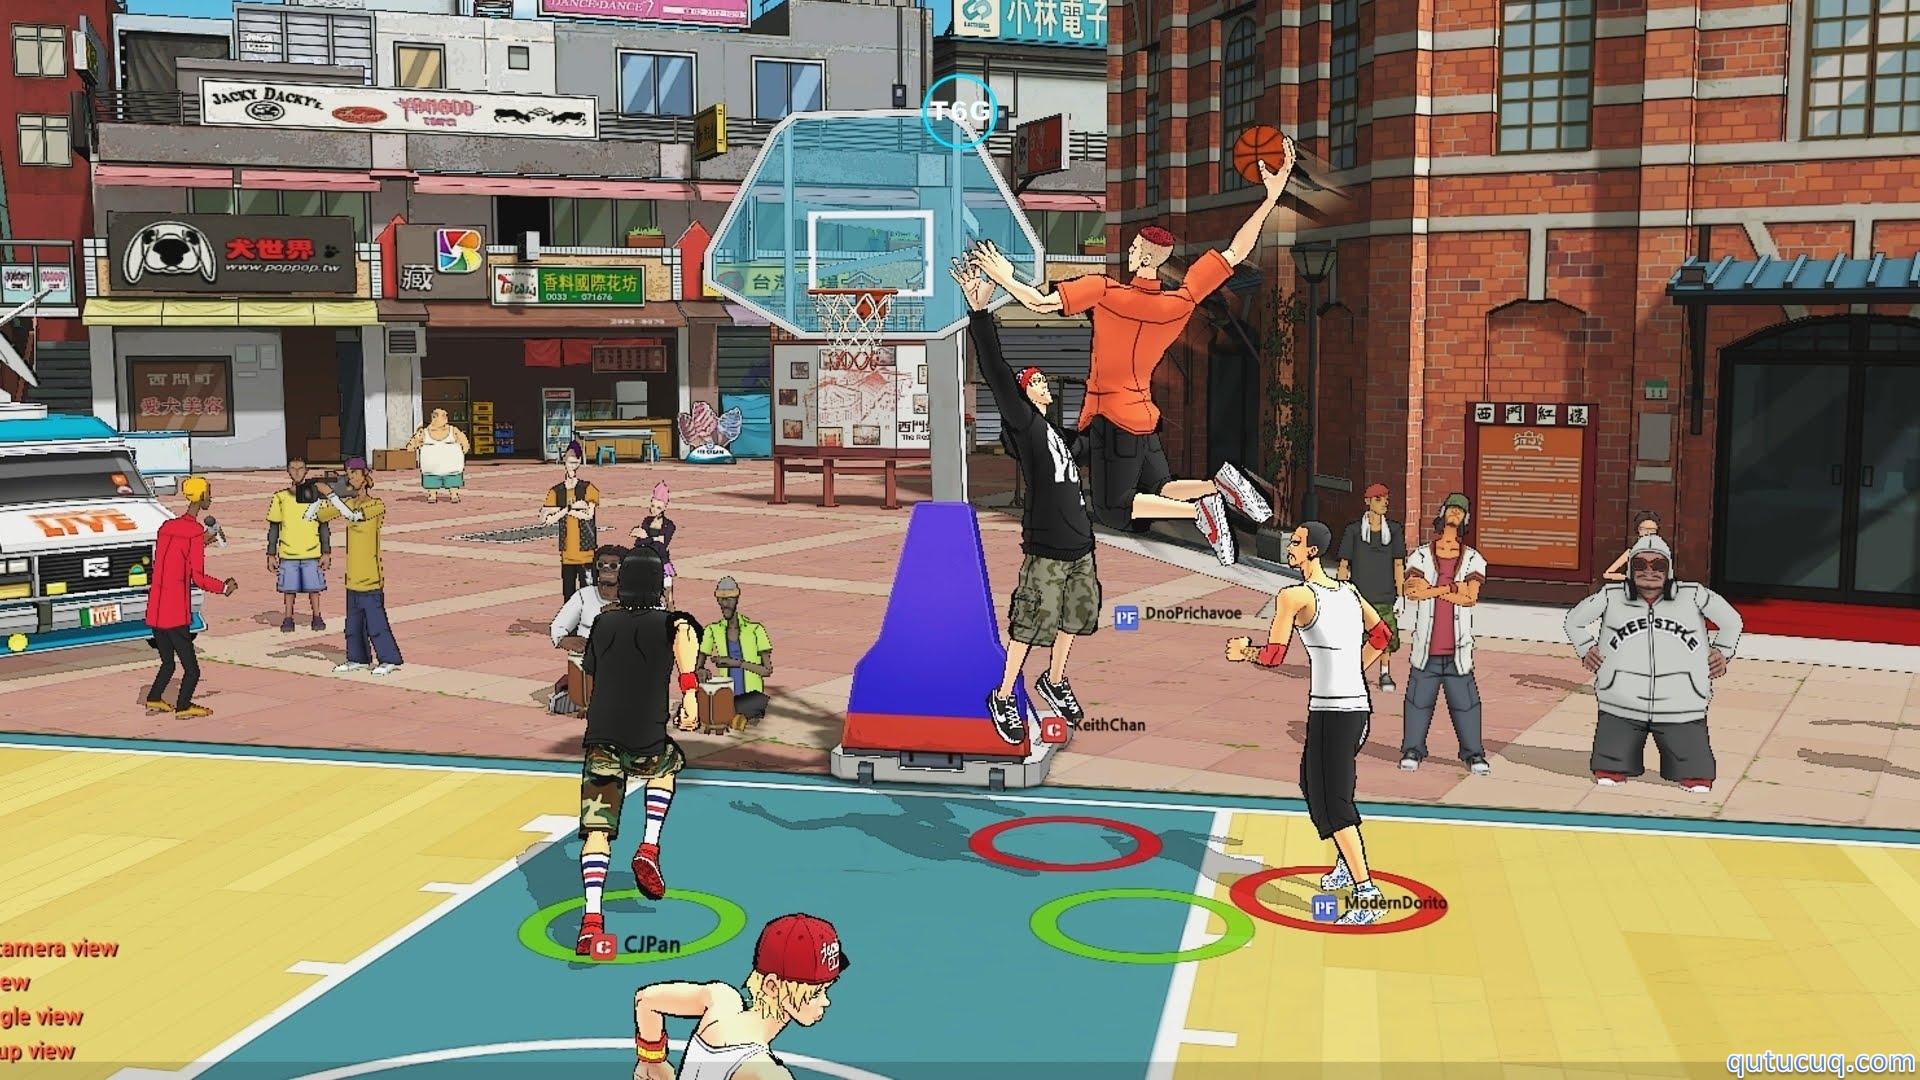 FreeStyle2 Street Basketball ekran görüntüsü